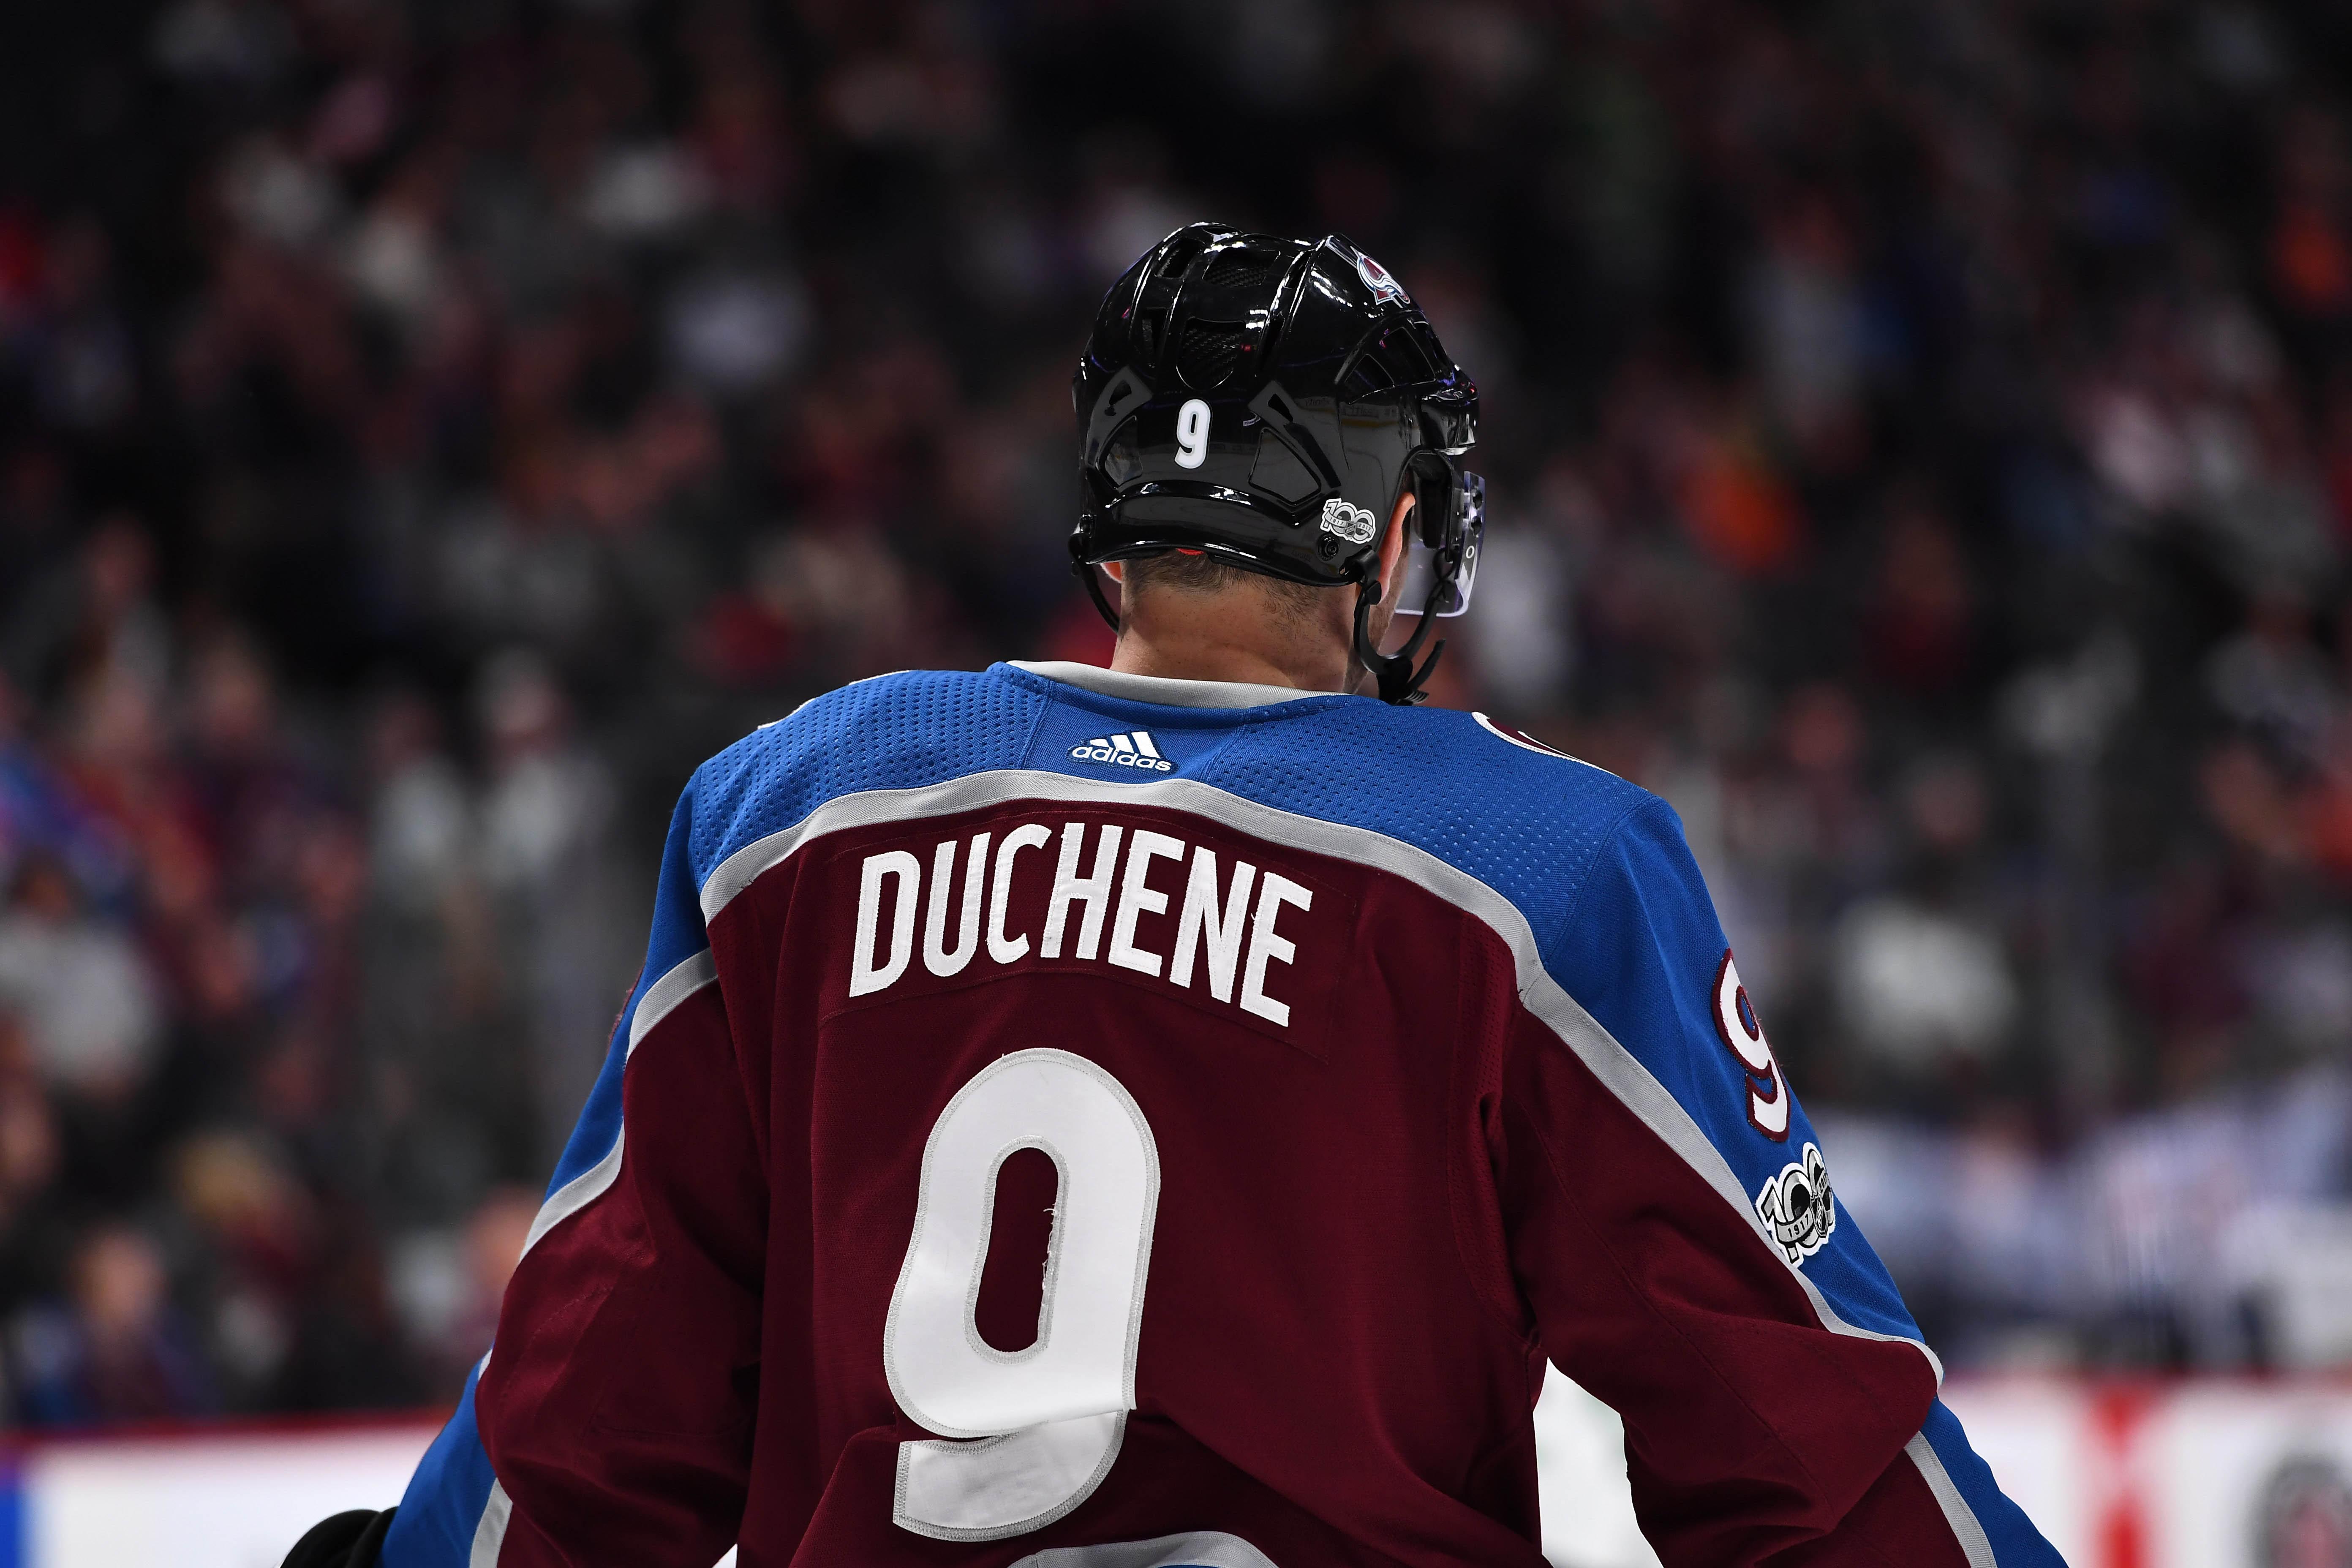 NHL: Dallas Stars at Colorado Avalanche